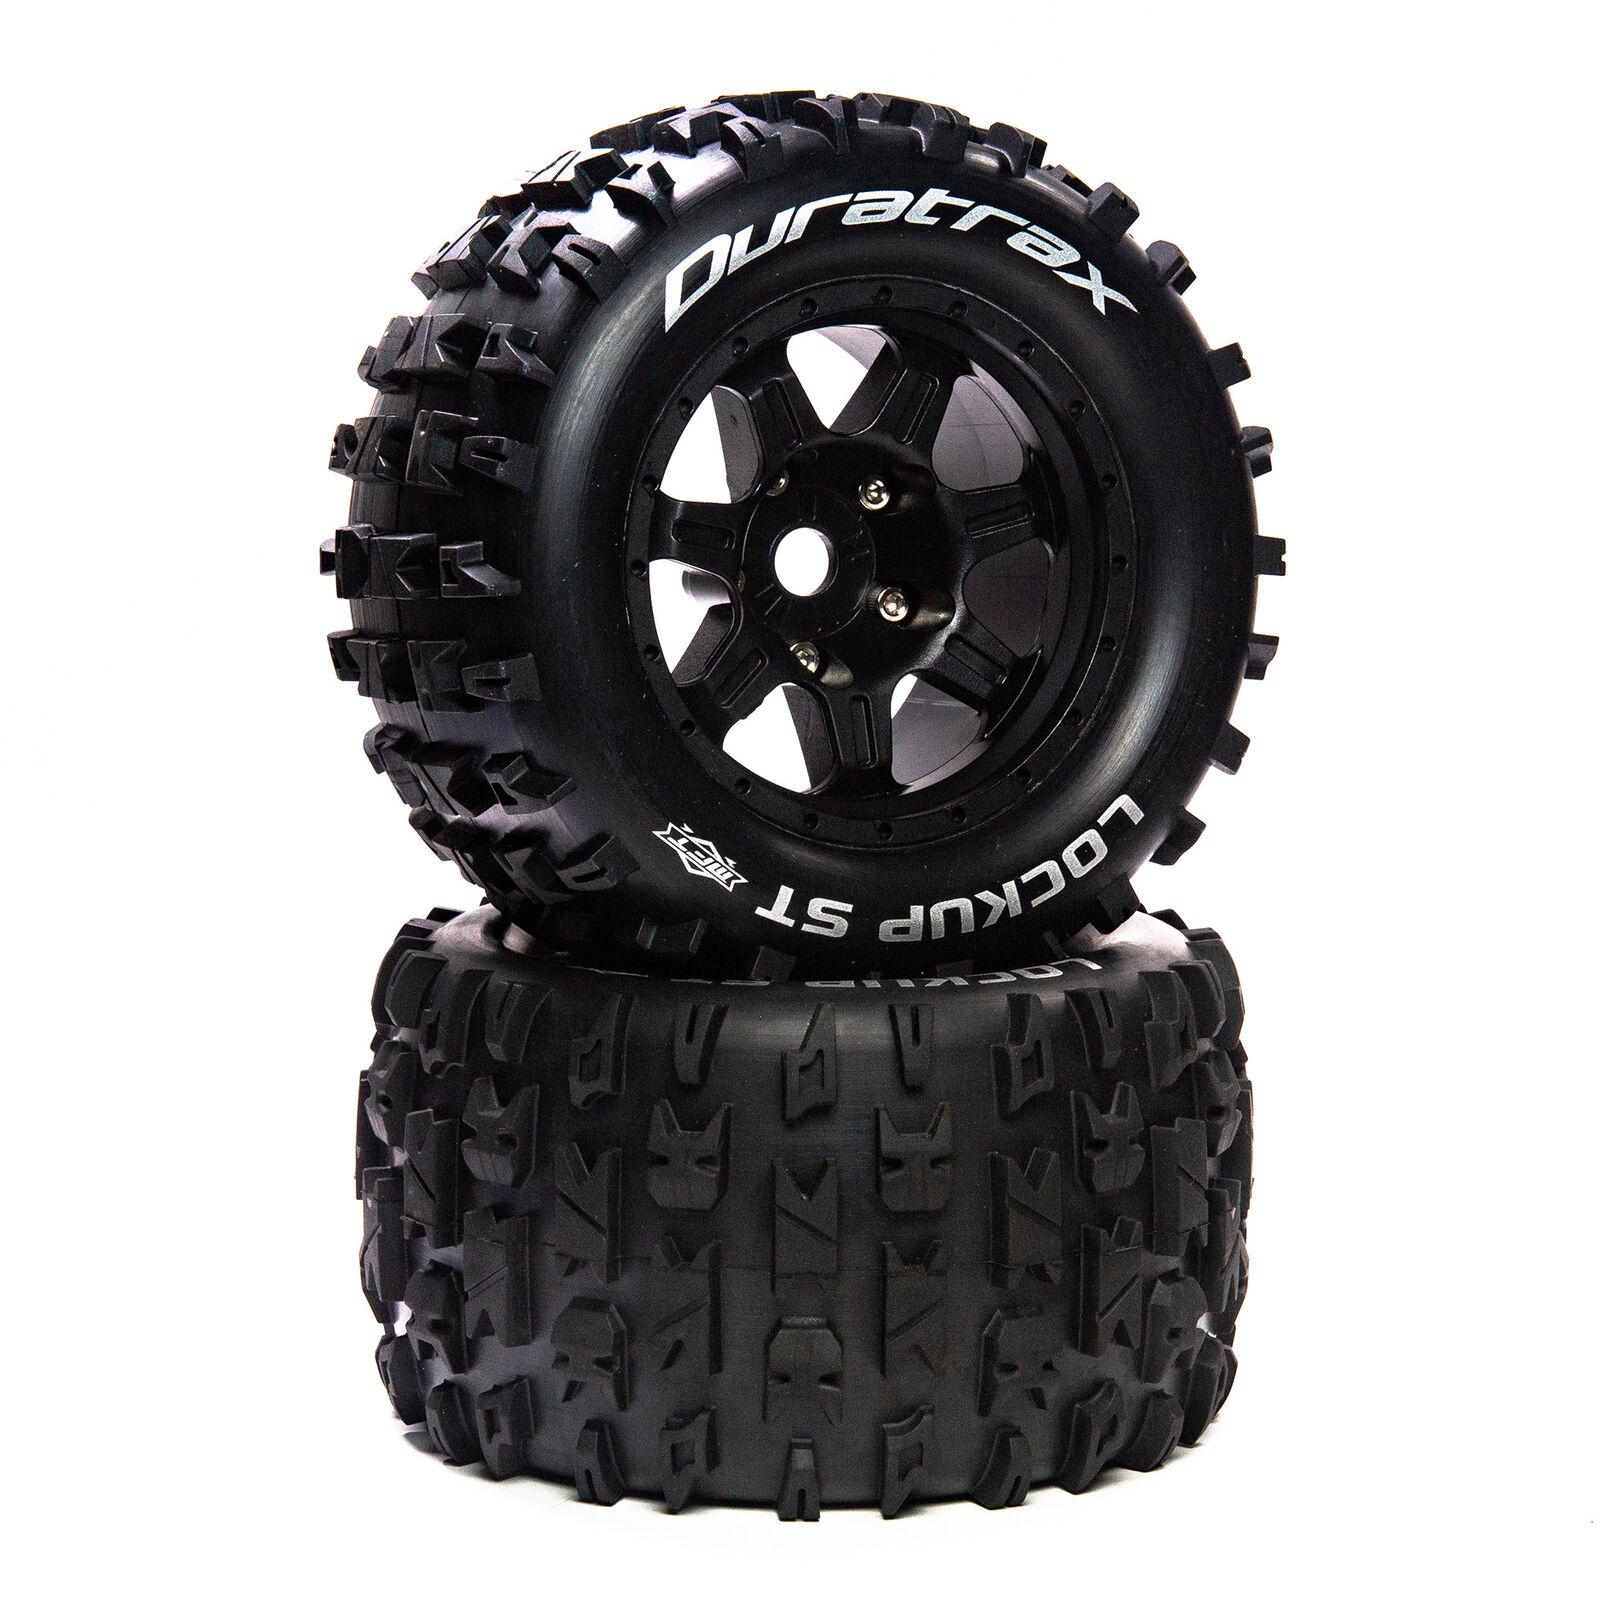 """Lockup ST Belt 3.8"""" Mounted Front/Rear Tires .5 Offset 17mm, Black (2)"""